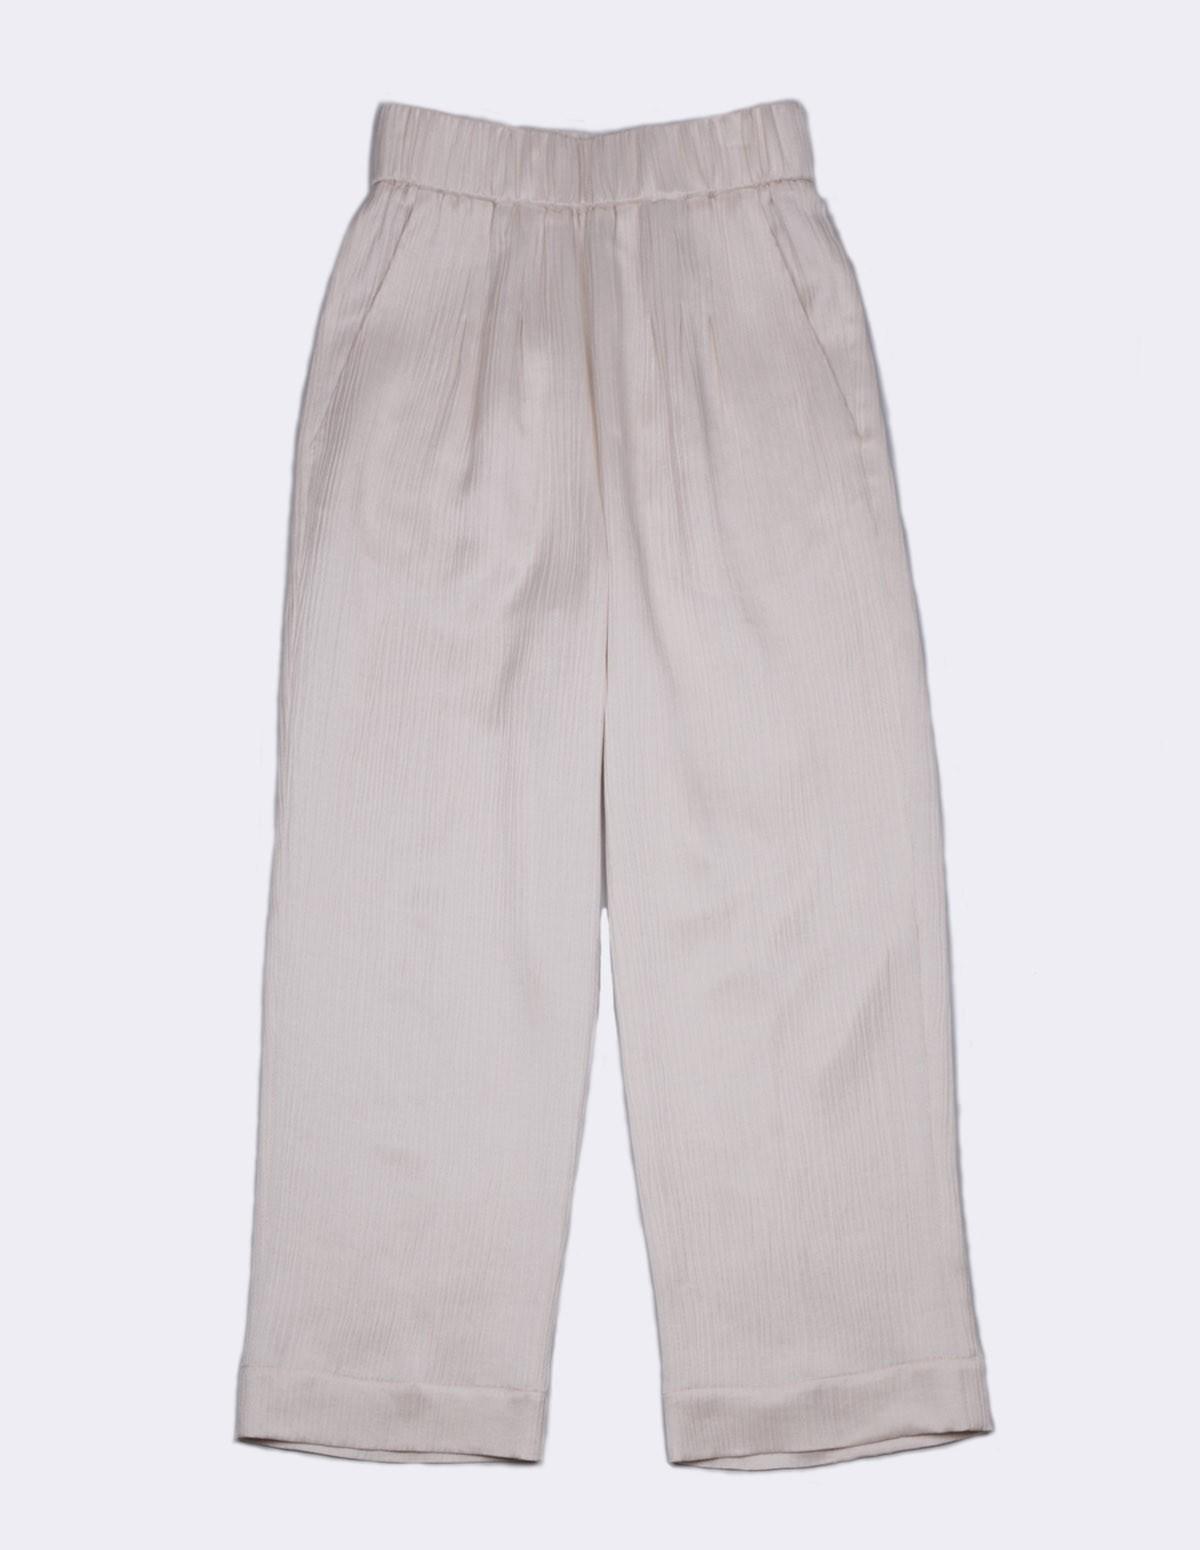 Pom 7142f/20668 Pants Exclu Ft - 15 ECRU